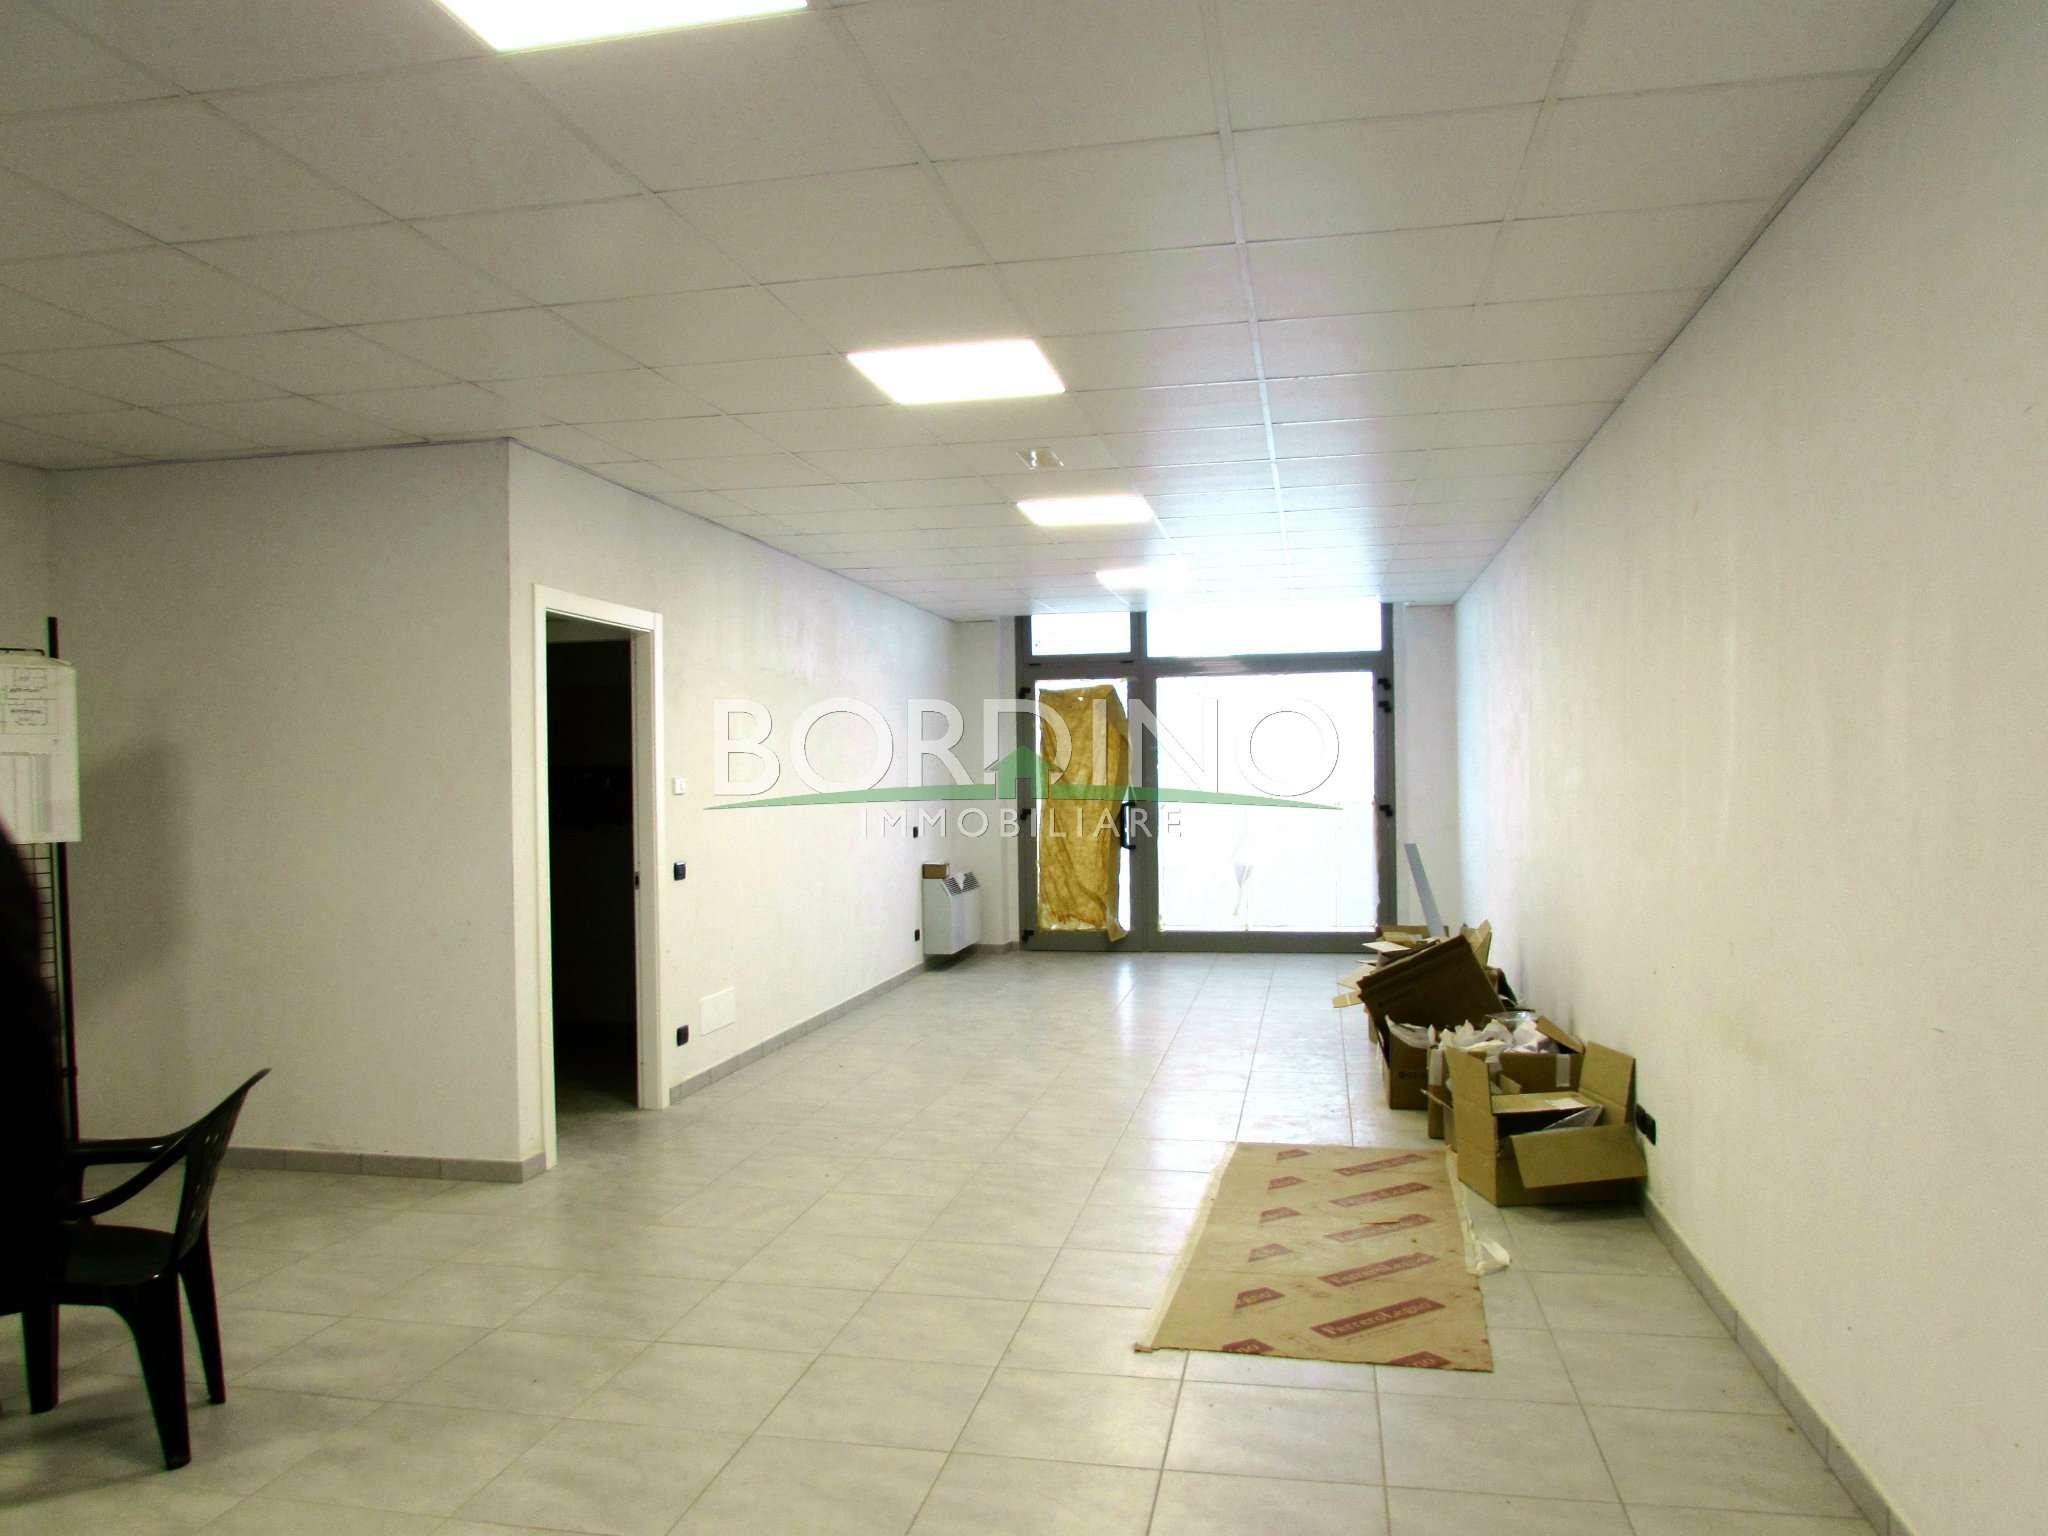 Ufficio / Studio in affitto a Magliano Alfieri, 1 locali, prezzo € 700 | CambioCasa.it